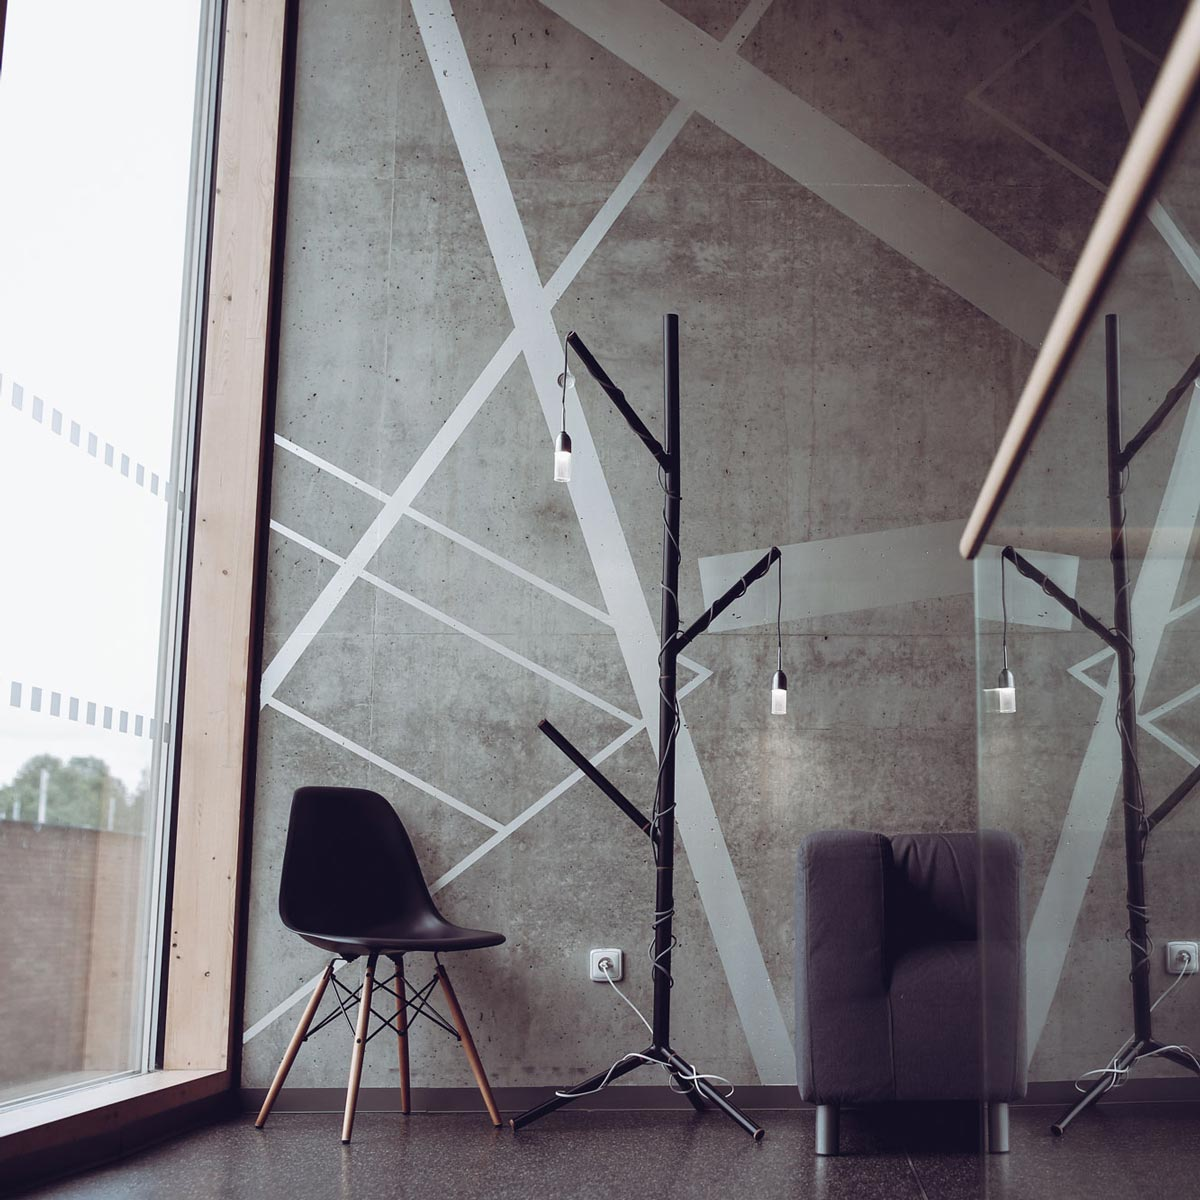 Svítidlo vyrobené z odpadu nalezeného na Univerzitě. Ocelové trubky, laboratorní sklo a odřezky jatobového dřeva. Ocelová stínítka jsou magnetická a umožňují přichycení ke konstrukci a natočení jakýmkoli směrem. Obě svítidla jsou navíc modulární, díky JSTM hubu lze připojit 1-6 světelných zdrojů.